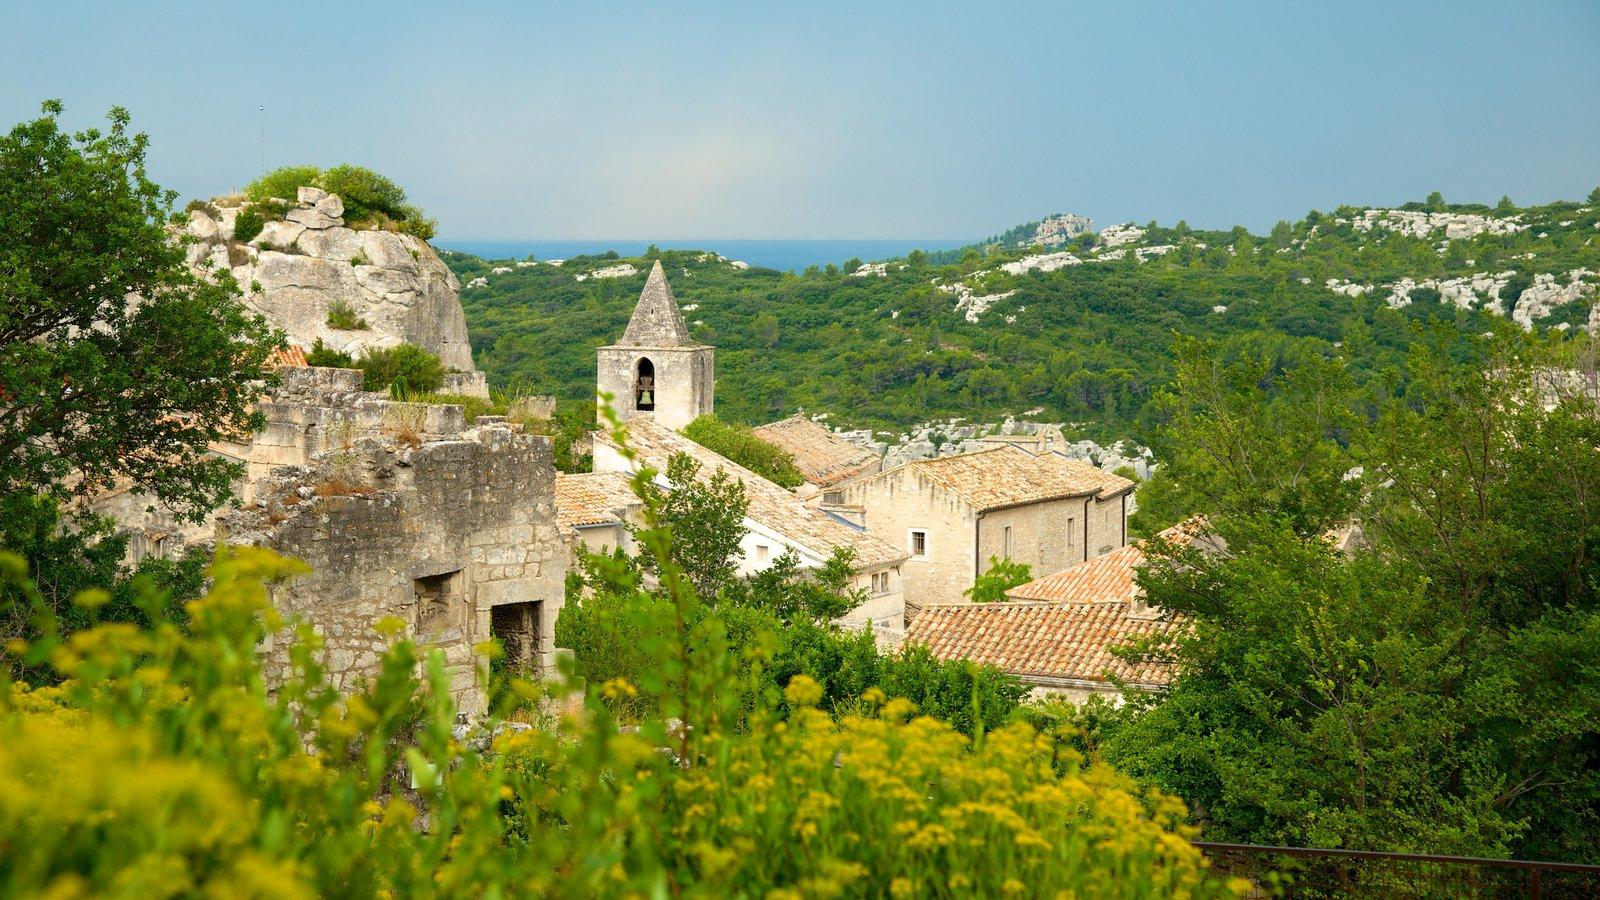 Chateau des Baux que inclui um pequeno castelo ou palácio, cenas de floresta e paisagem